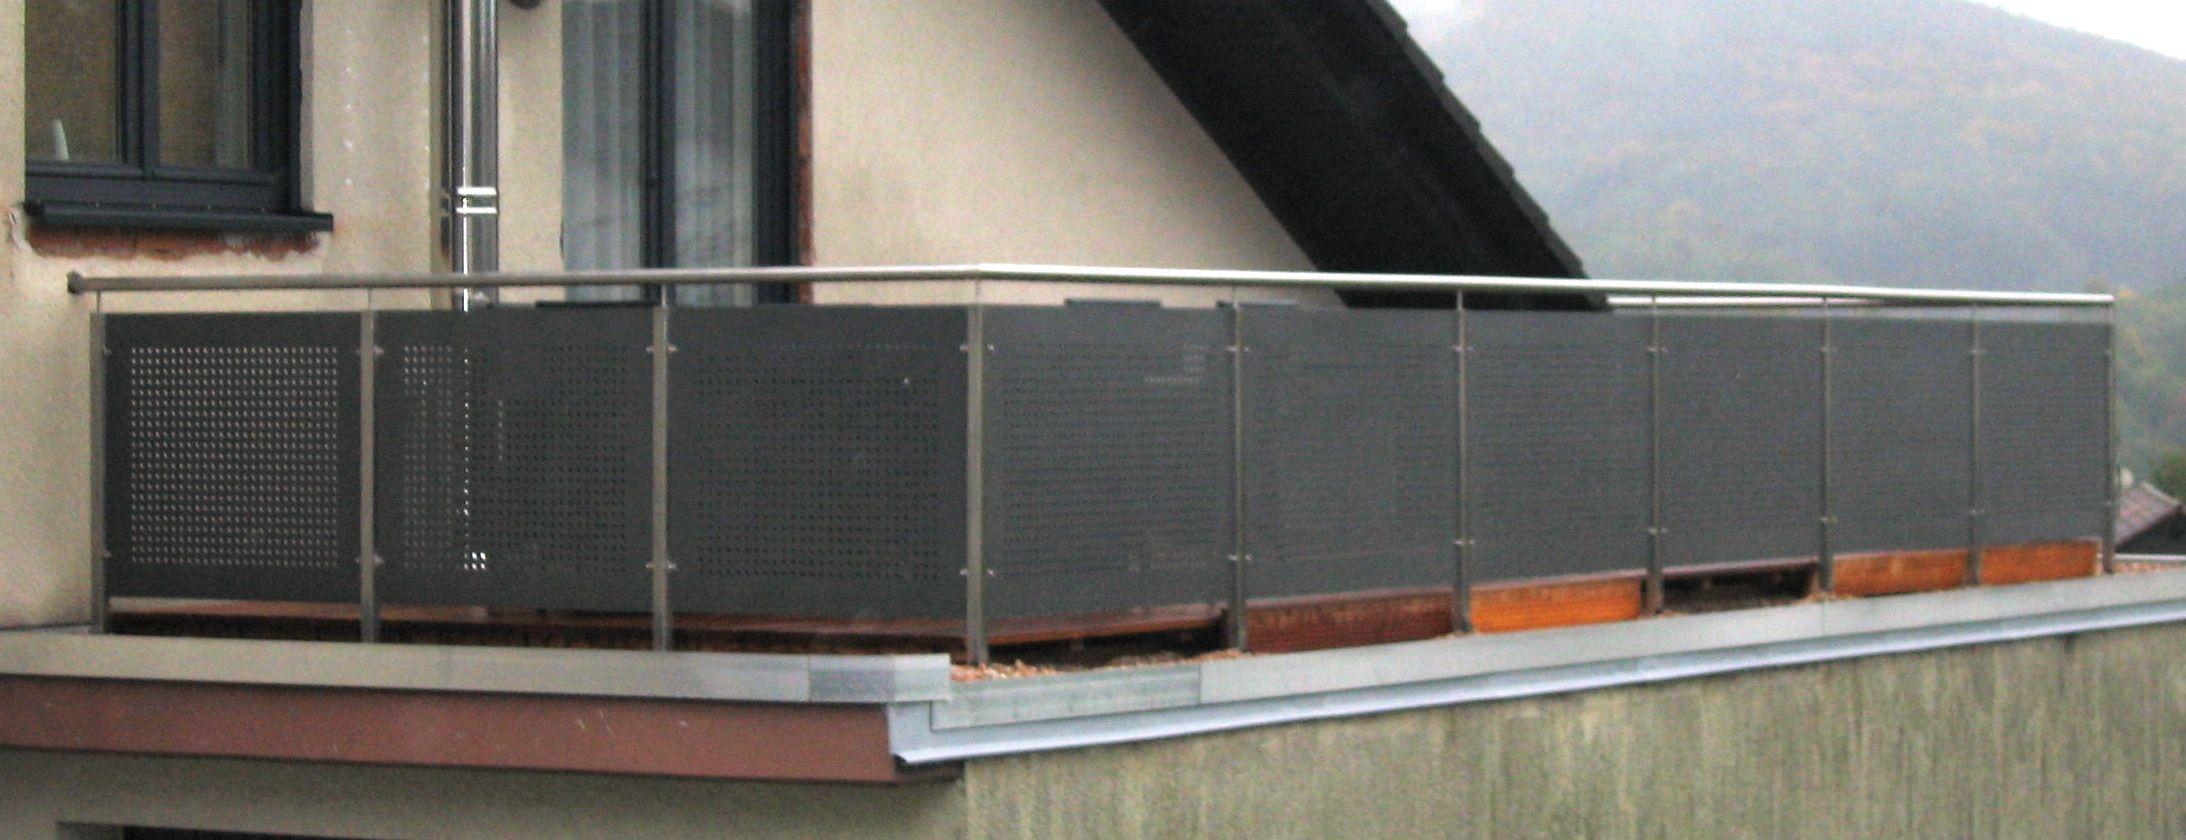 Balkon Gelander Lochblech Sichtschutz Garten